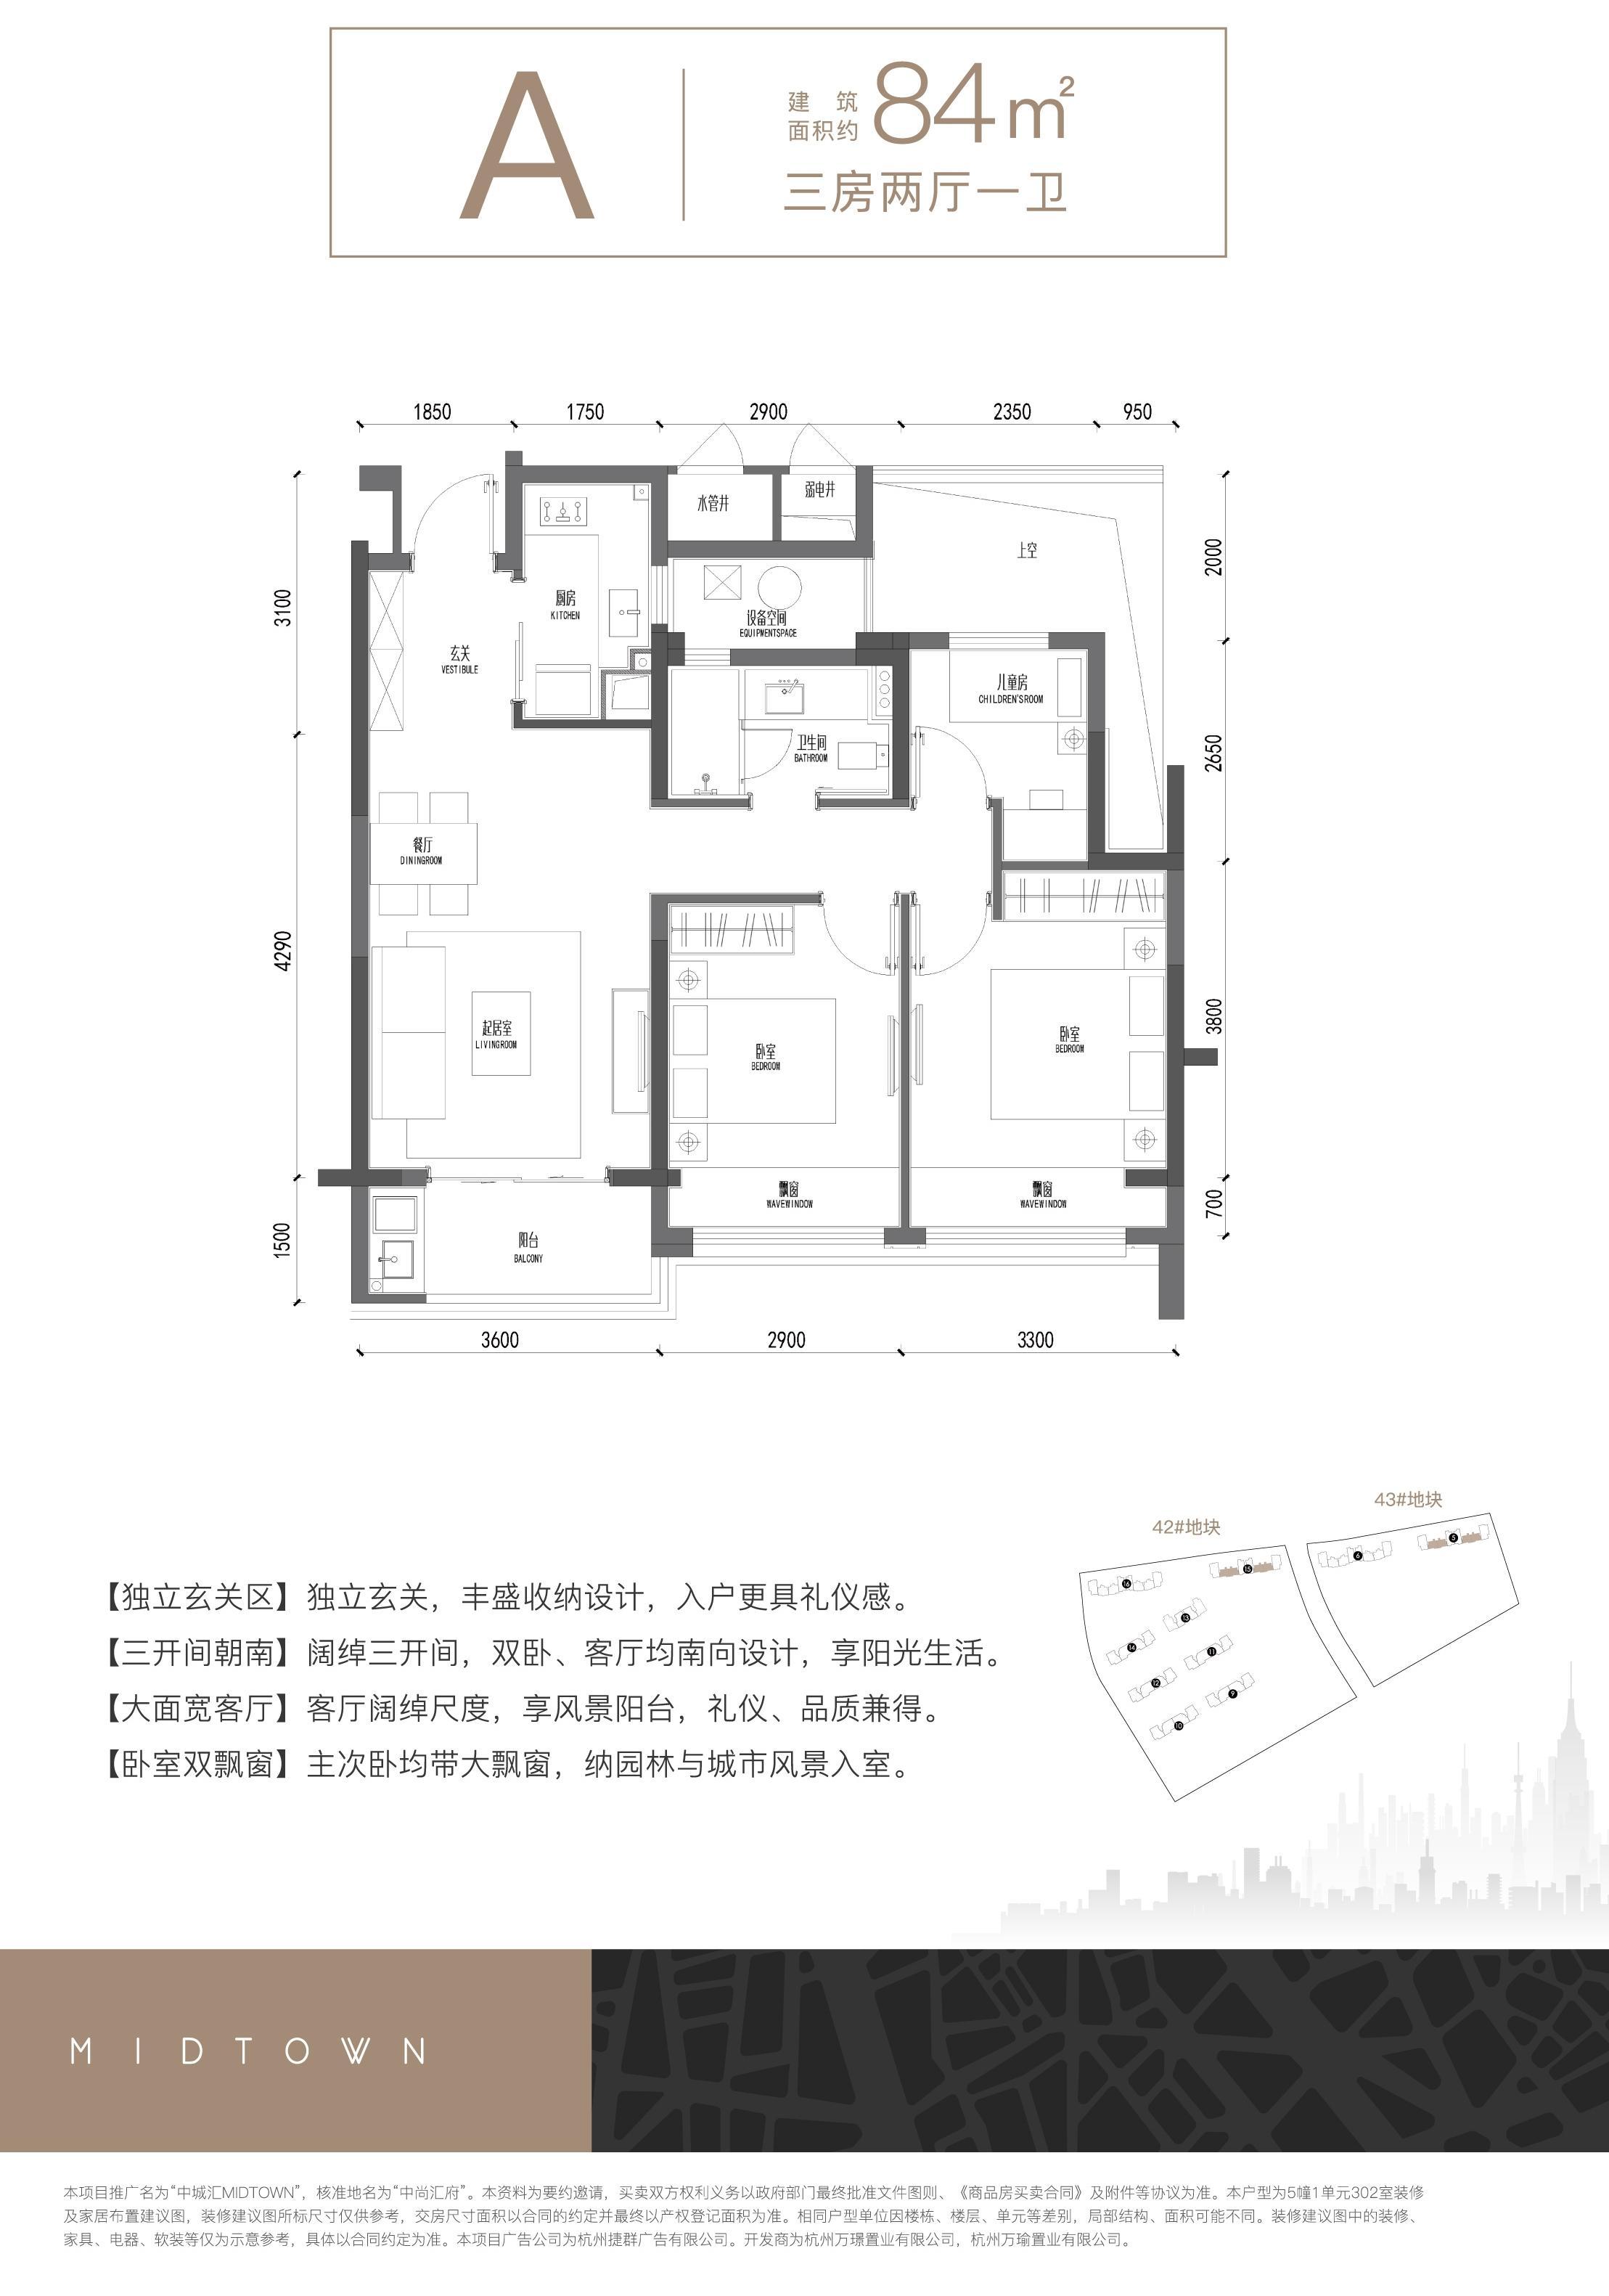 中城汇MIDTOWN户型图